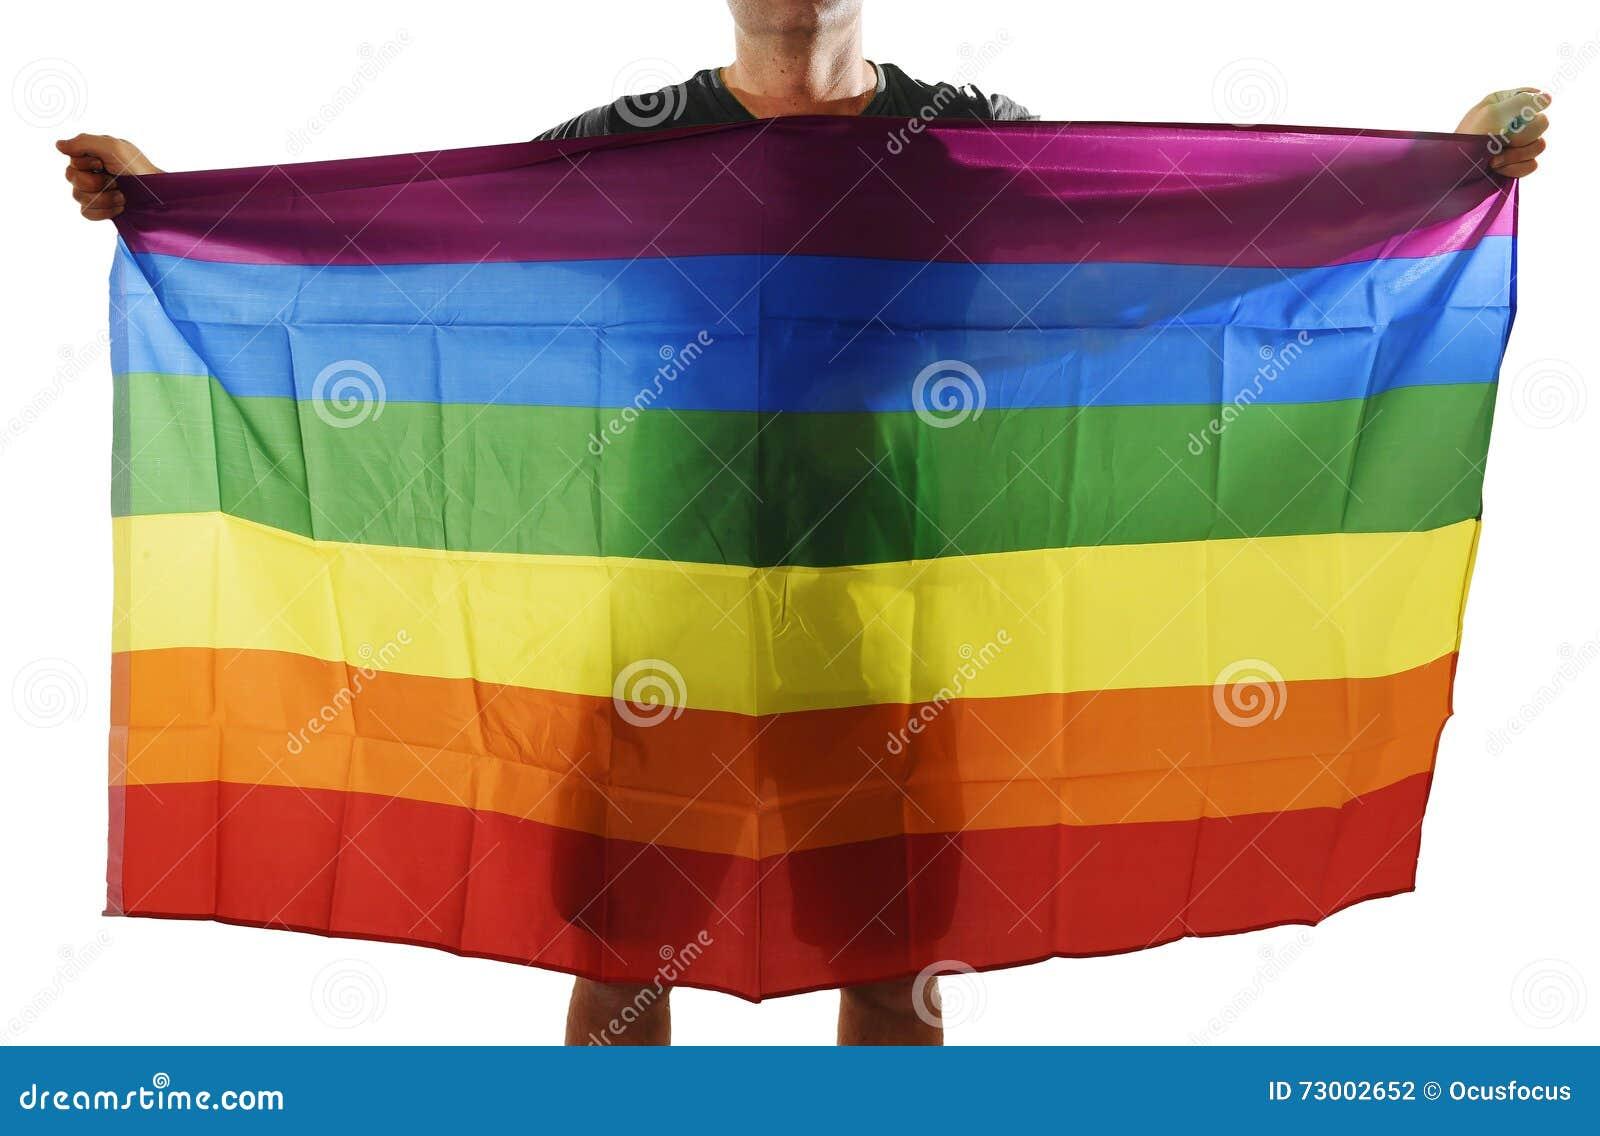 Νέος υπερήφανος ομοφυλόφιλος που διαδίδει την ευρεία μεγάλη ομοφυλοφιλική σημαία υπερηφάνειας με τη σκιά του πίσω από το ύφασμα